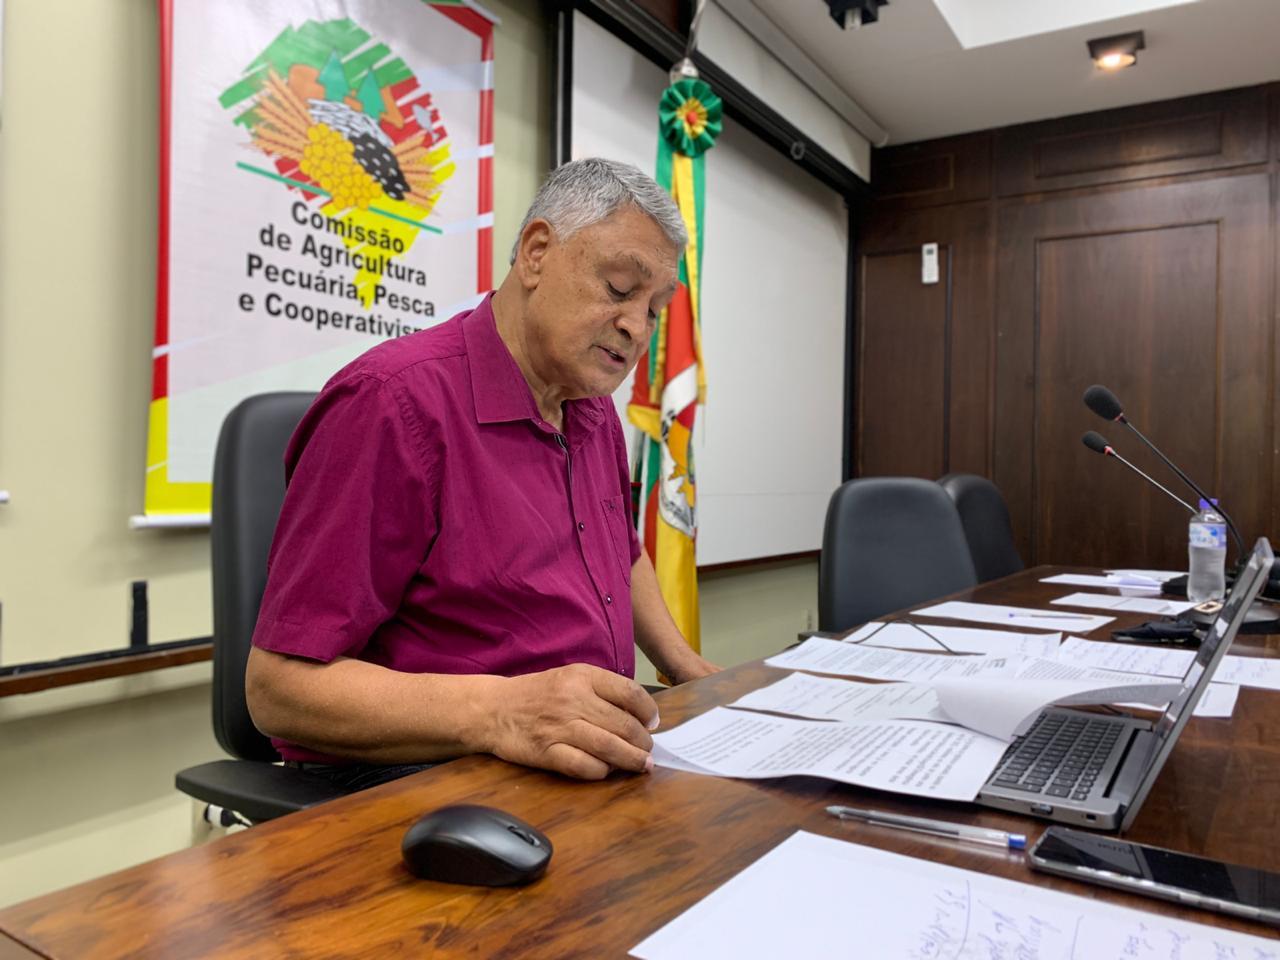 Comissão de agricultura será recebida pelo governador do Estado do RS